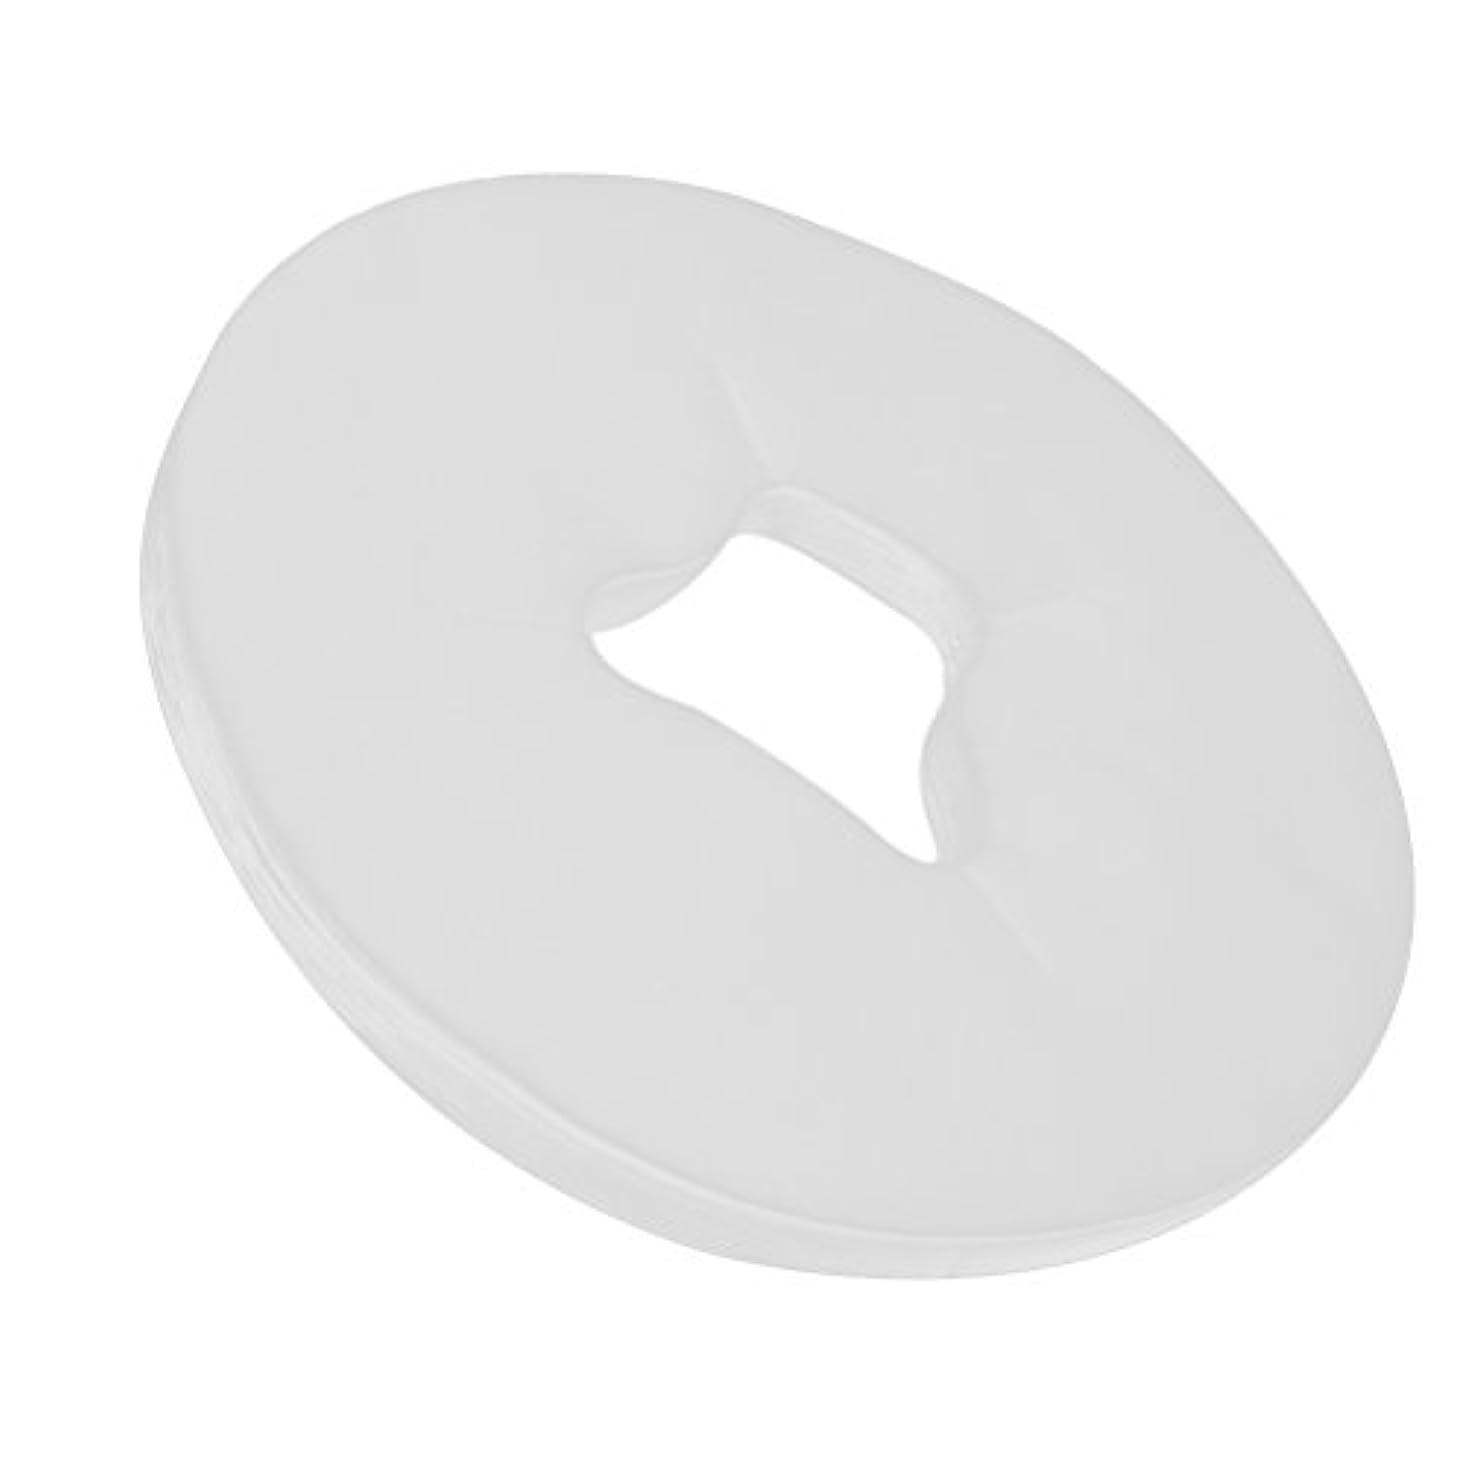 政令チャーミング嵐のHealifty 100Pcs使い捨て可能な表面揺りかごはマッサージのテーブルのためのマッサージの表面残りカバーを覆います